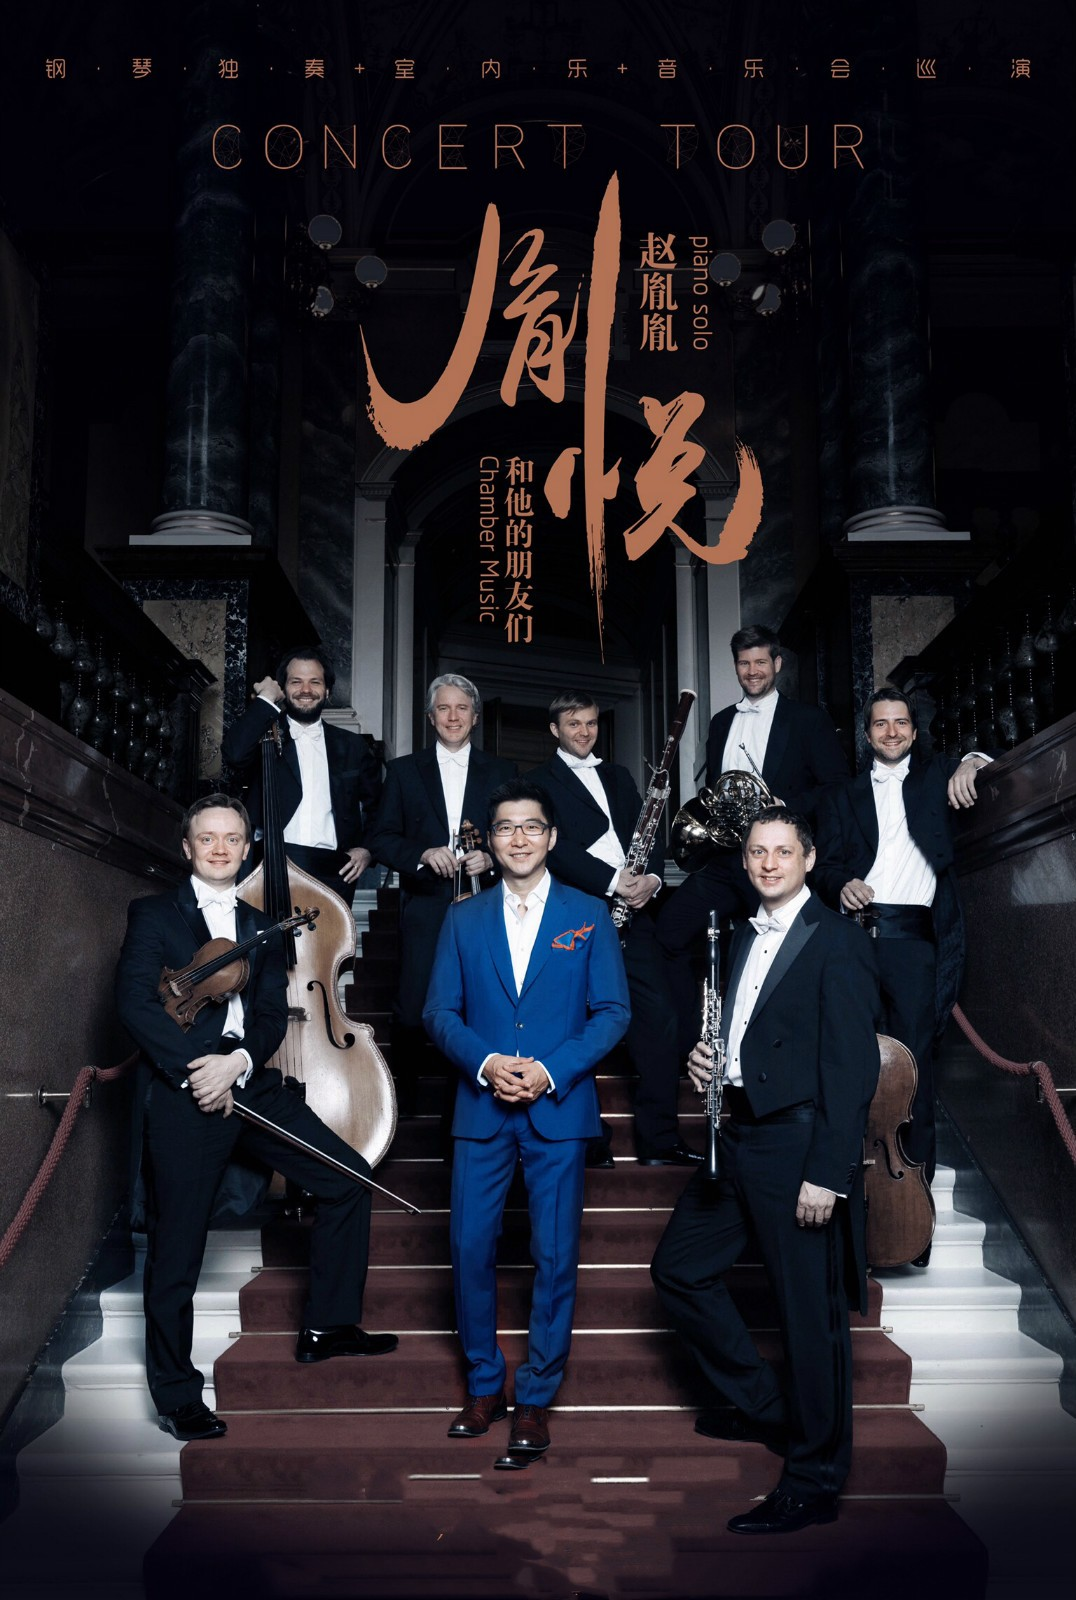 赵胤胤古典音乐会巡演走进广州 签售会上限量版专辑被抢购一空